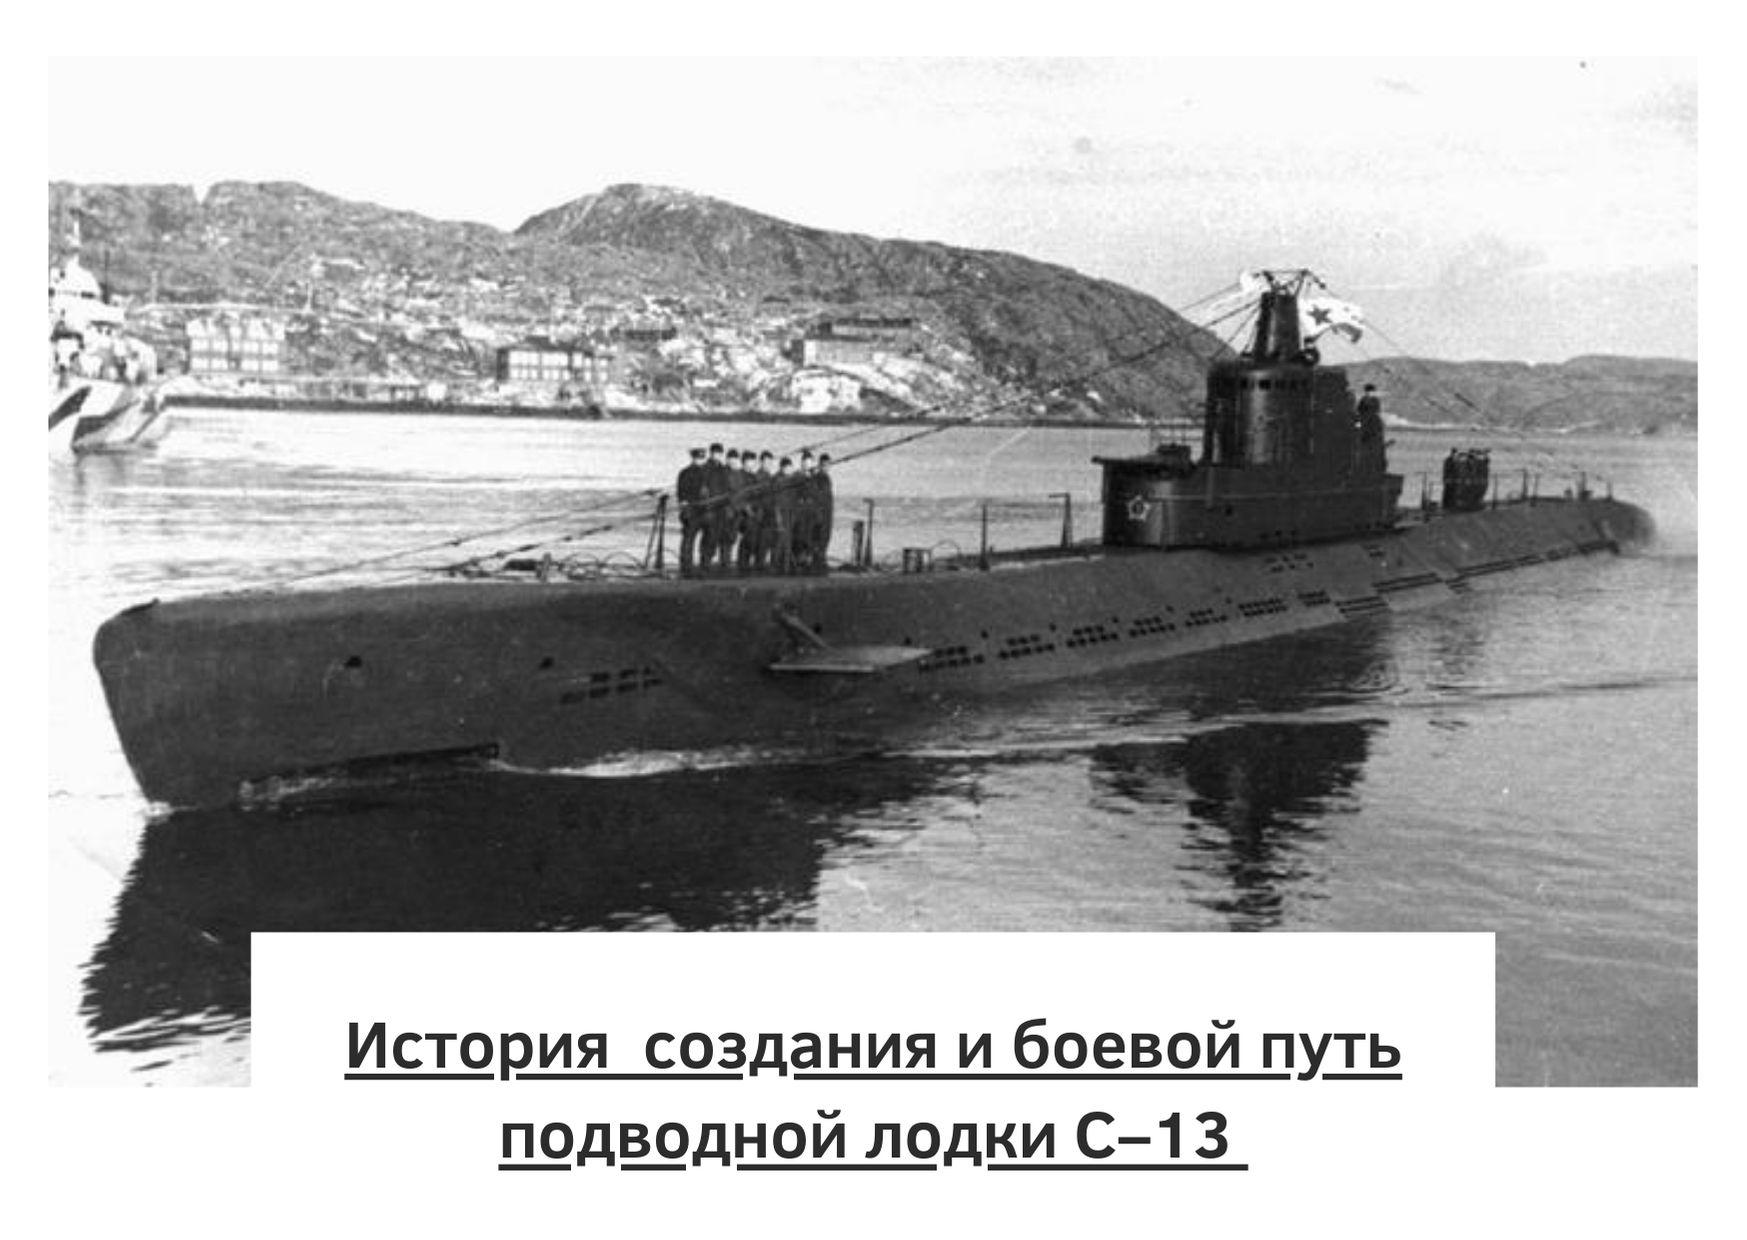 История создания и боевой путь подводной лодки С–13